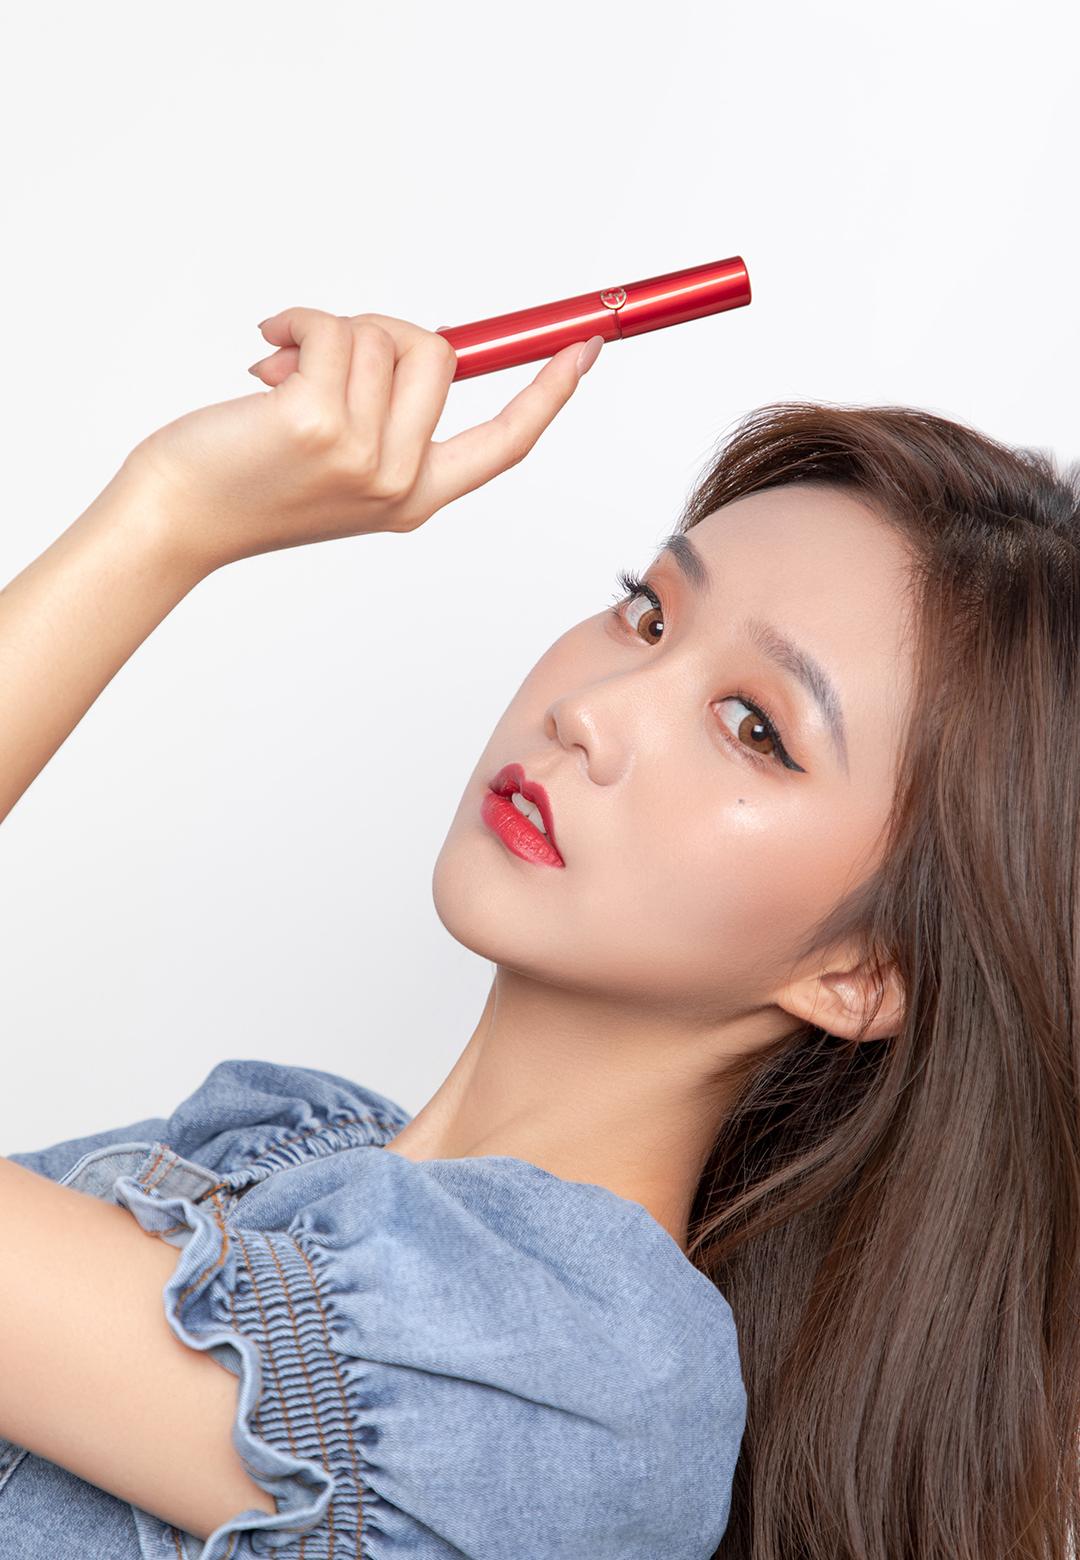 阿玛尼红管唇釉是唯一一个我想拥有全套的口红